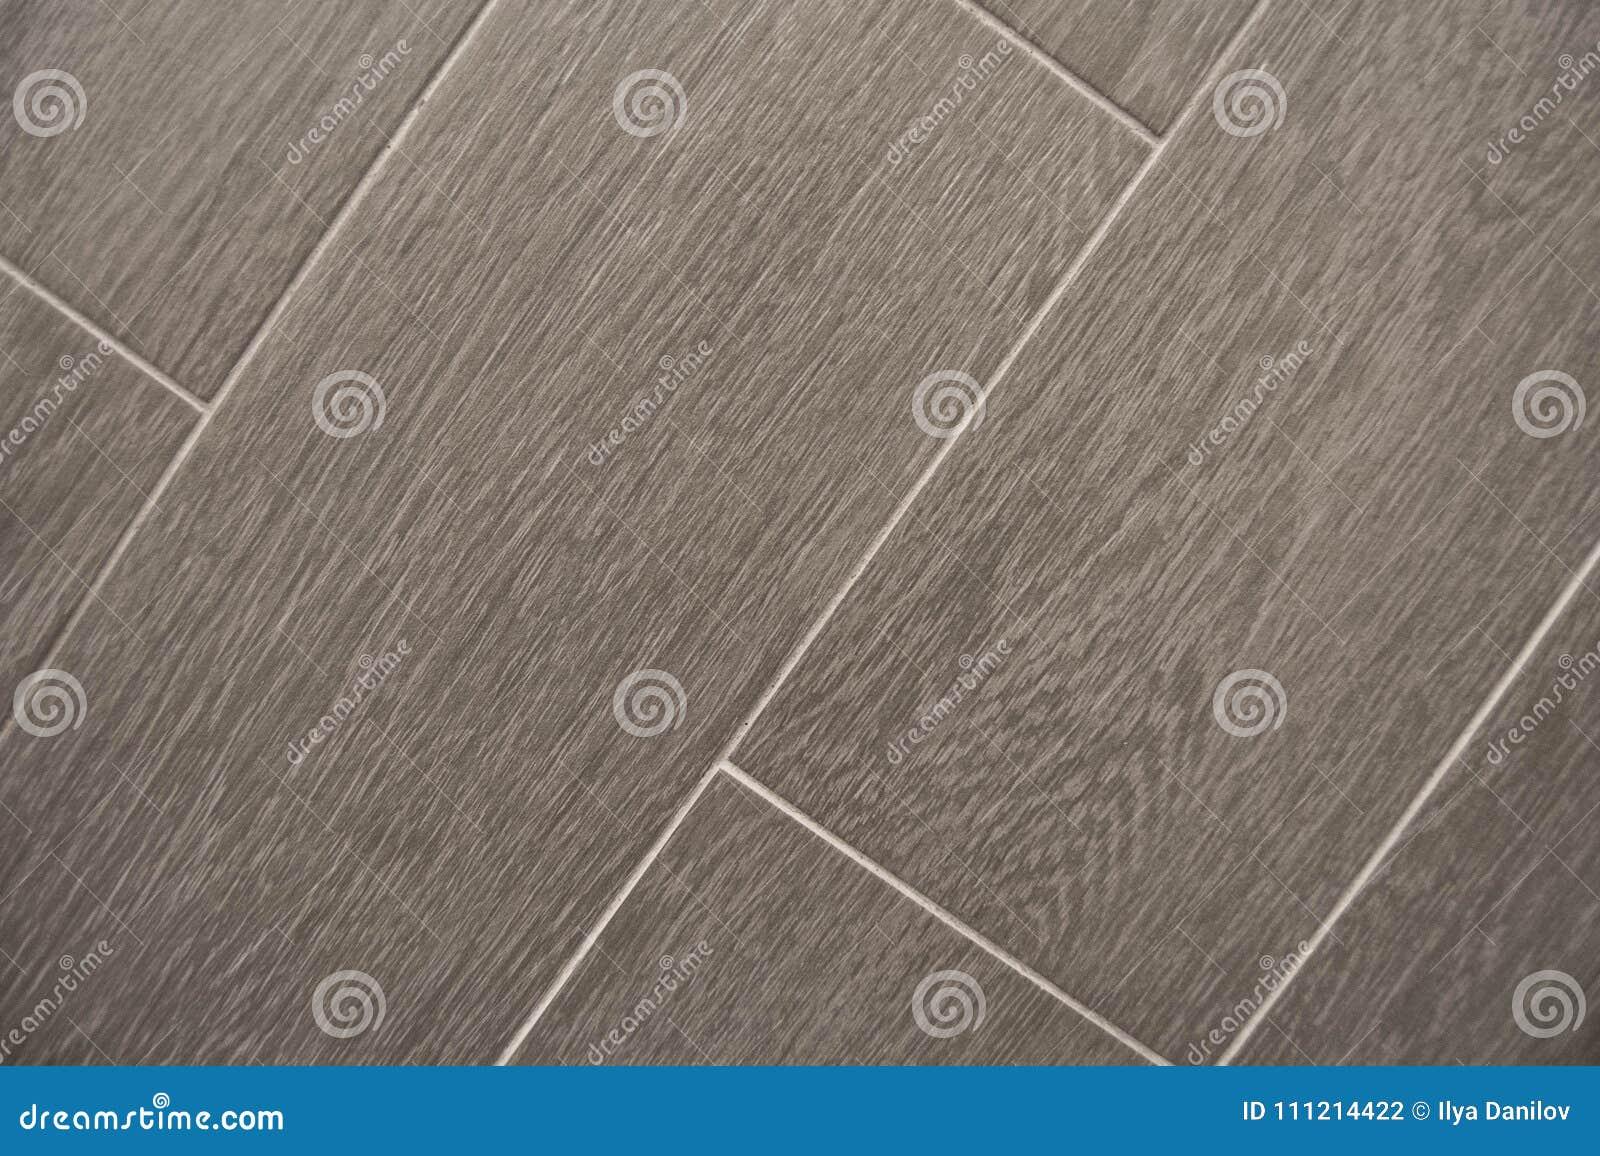 Piastrelle per pavimento ceramiche per struttura fotografia stock